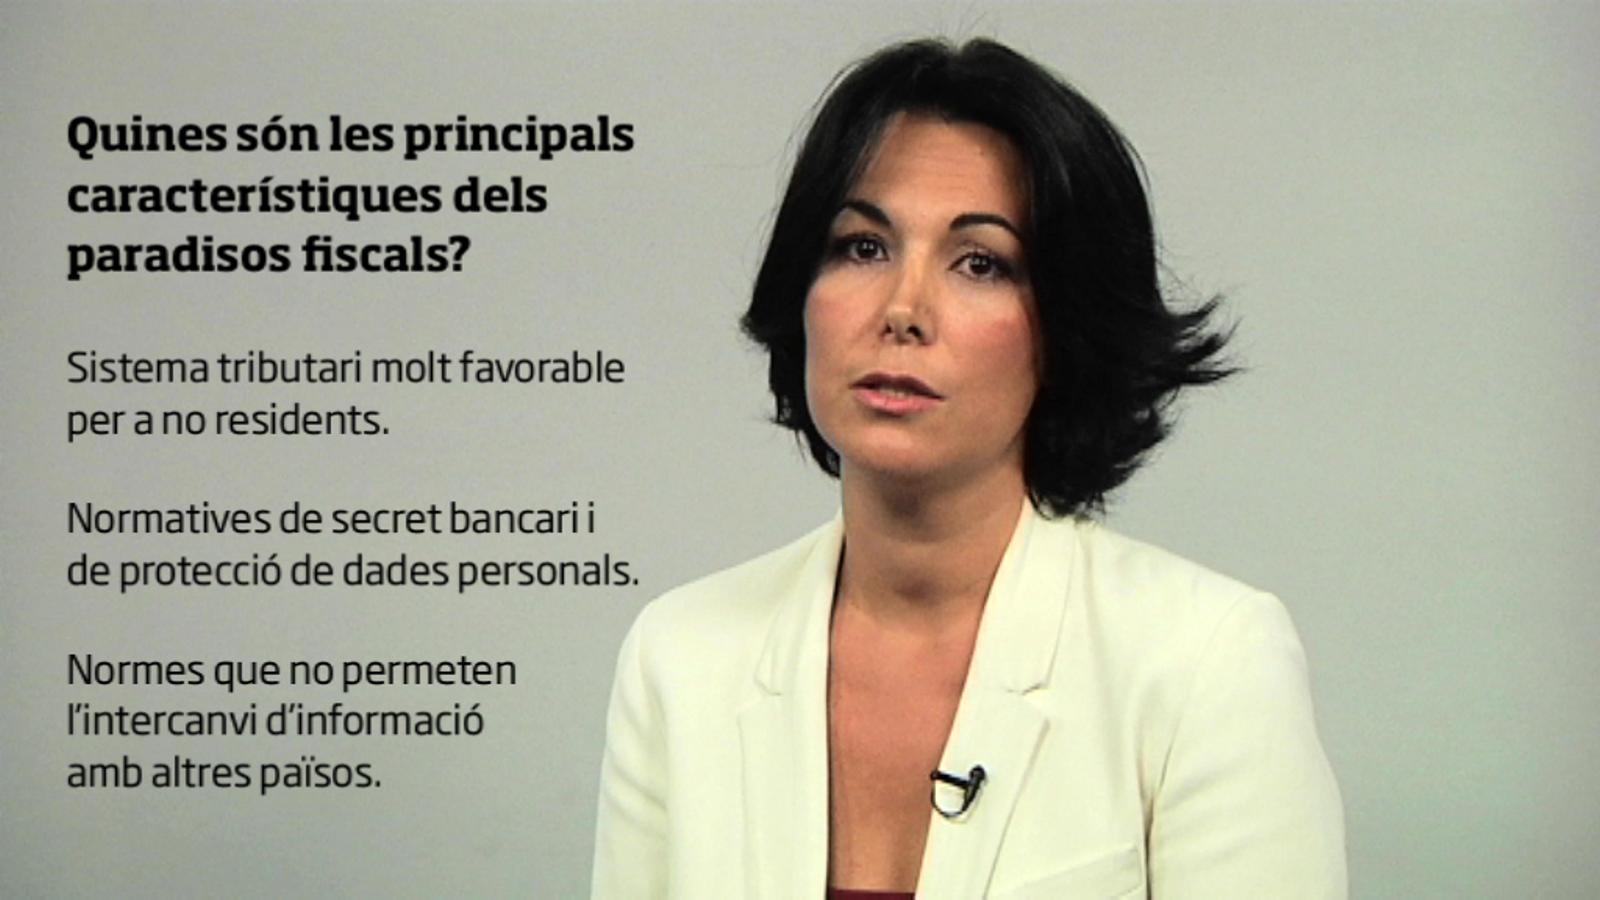 Paradisos fiscals: característiques principals i situació a Espanya